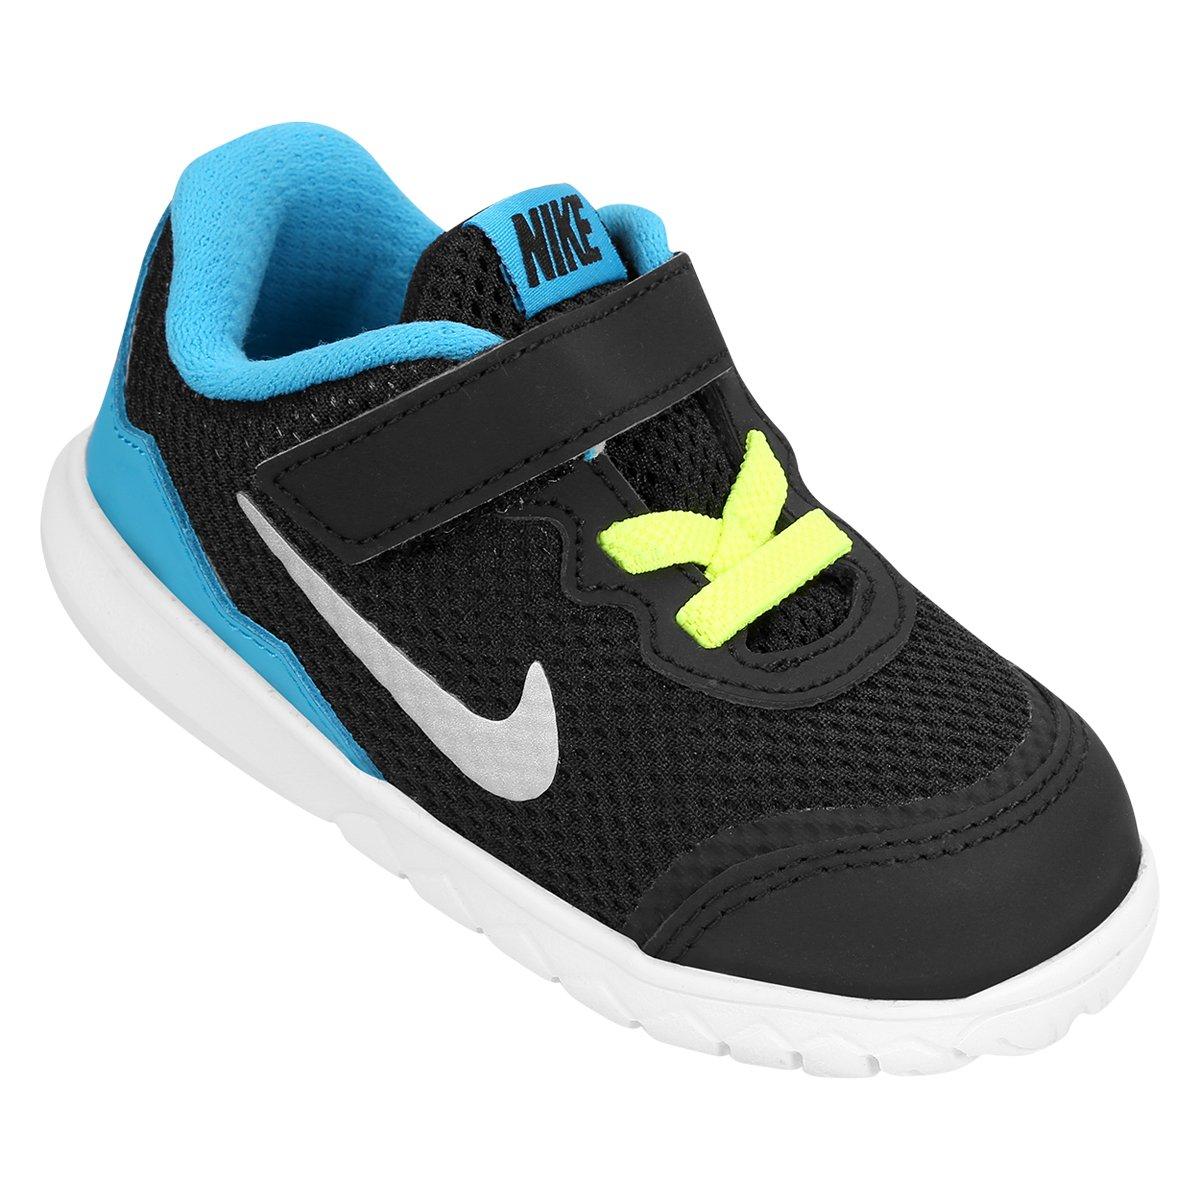 Tênis Nike Flex Experience 4 Infantil - Compre Agora  c61d24cbcc149